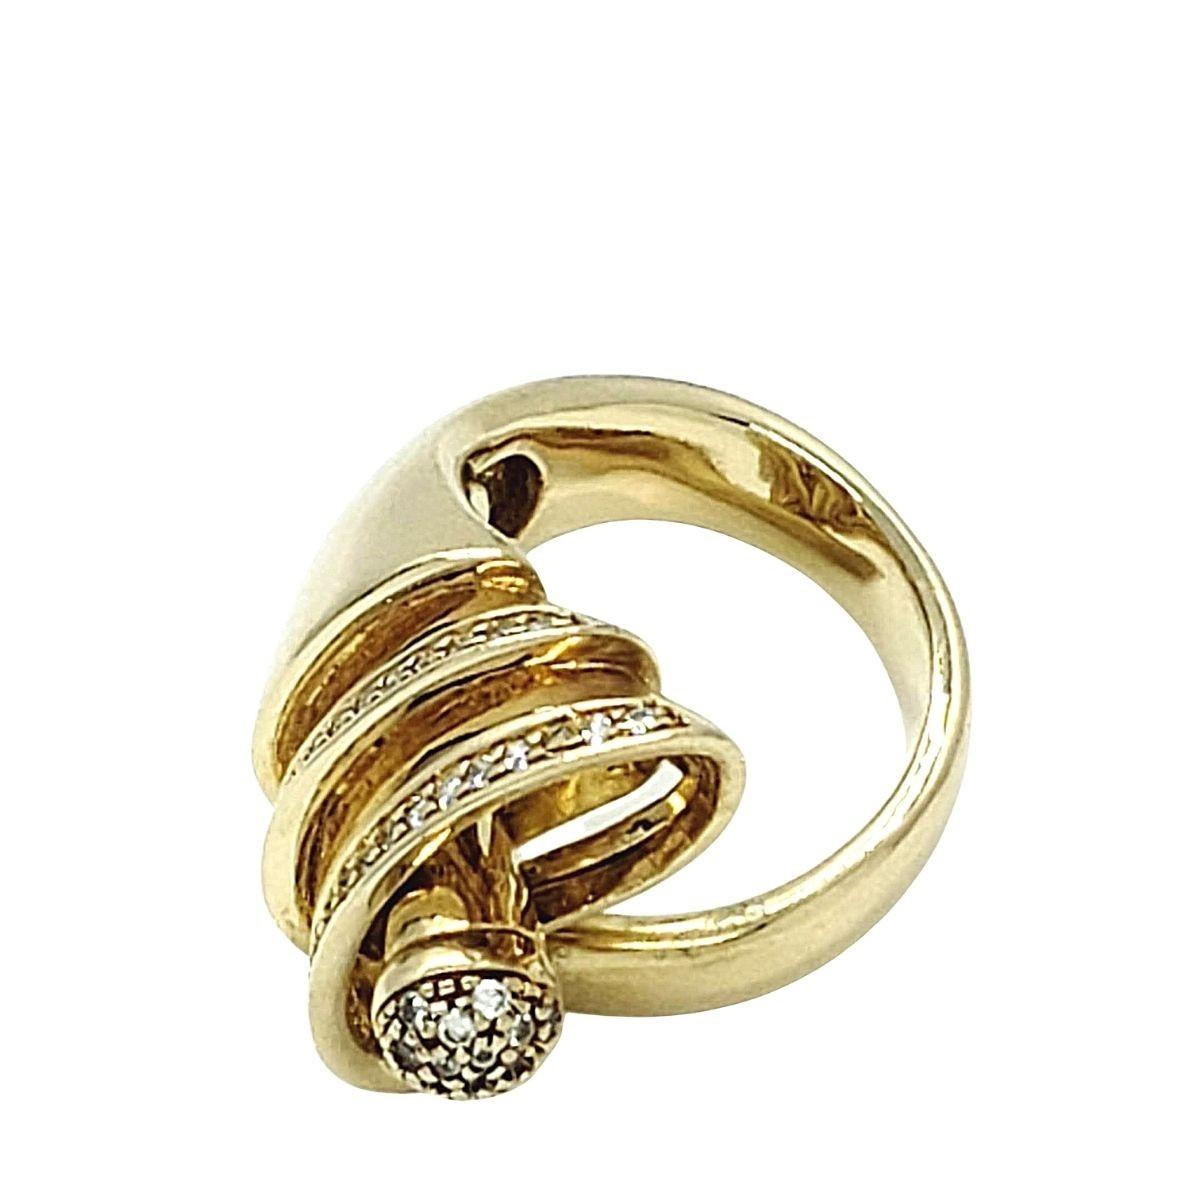 Anel Duquesa Ajustável Cravejado Com Zirconias Banho De Ouro 18k 816